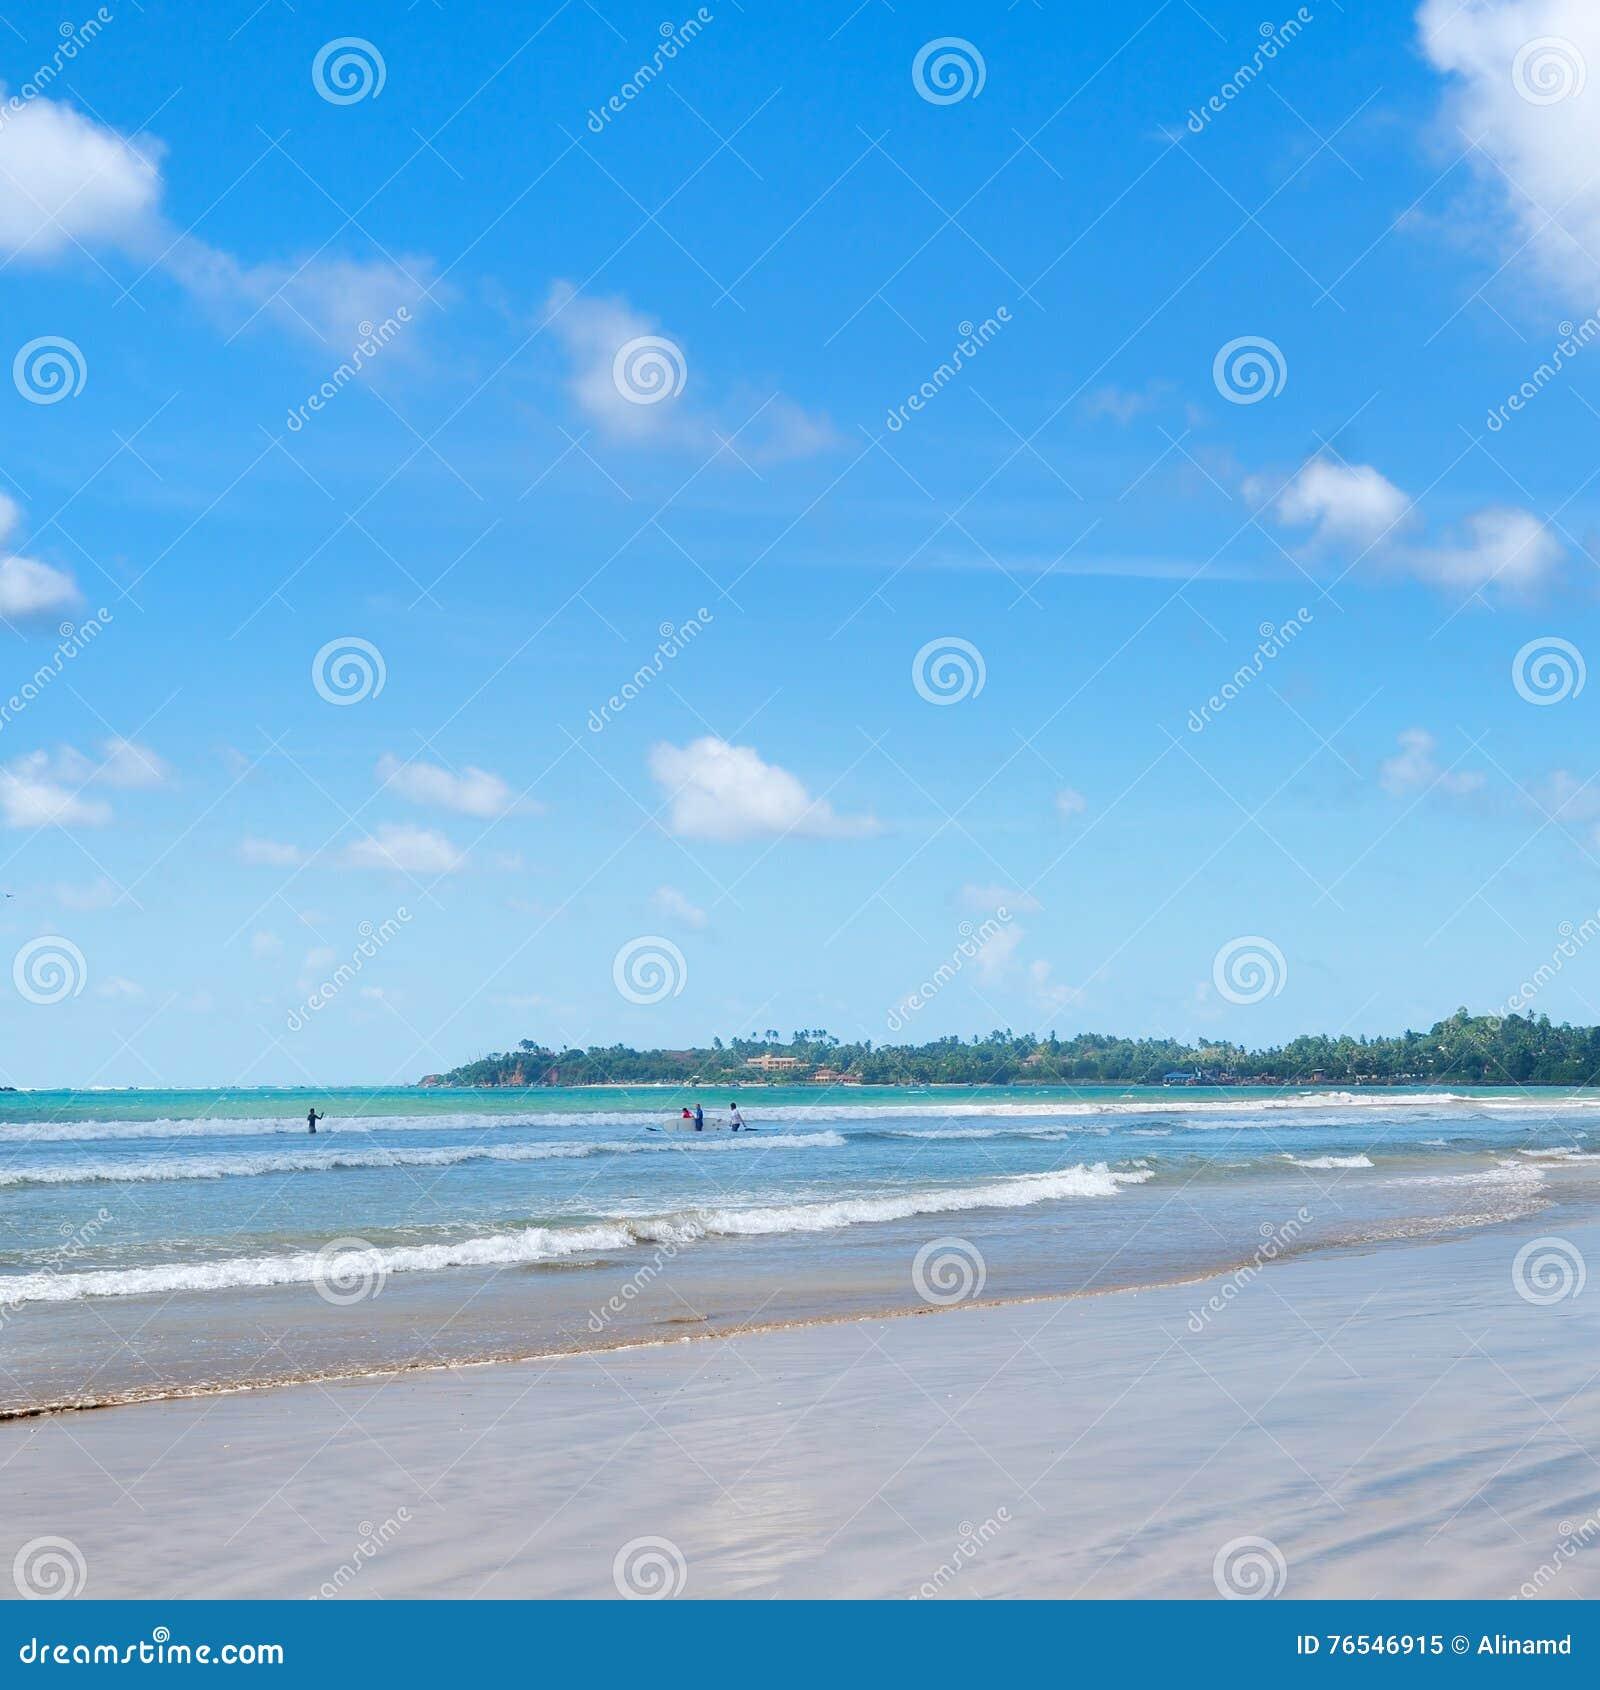 O oceano, praia, acena para lições surfando